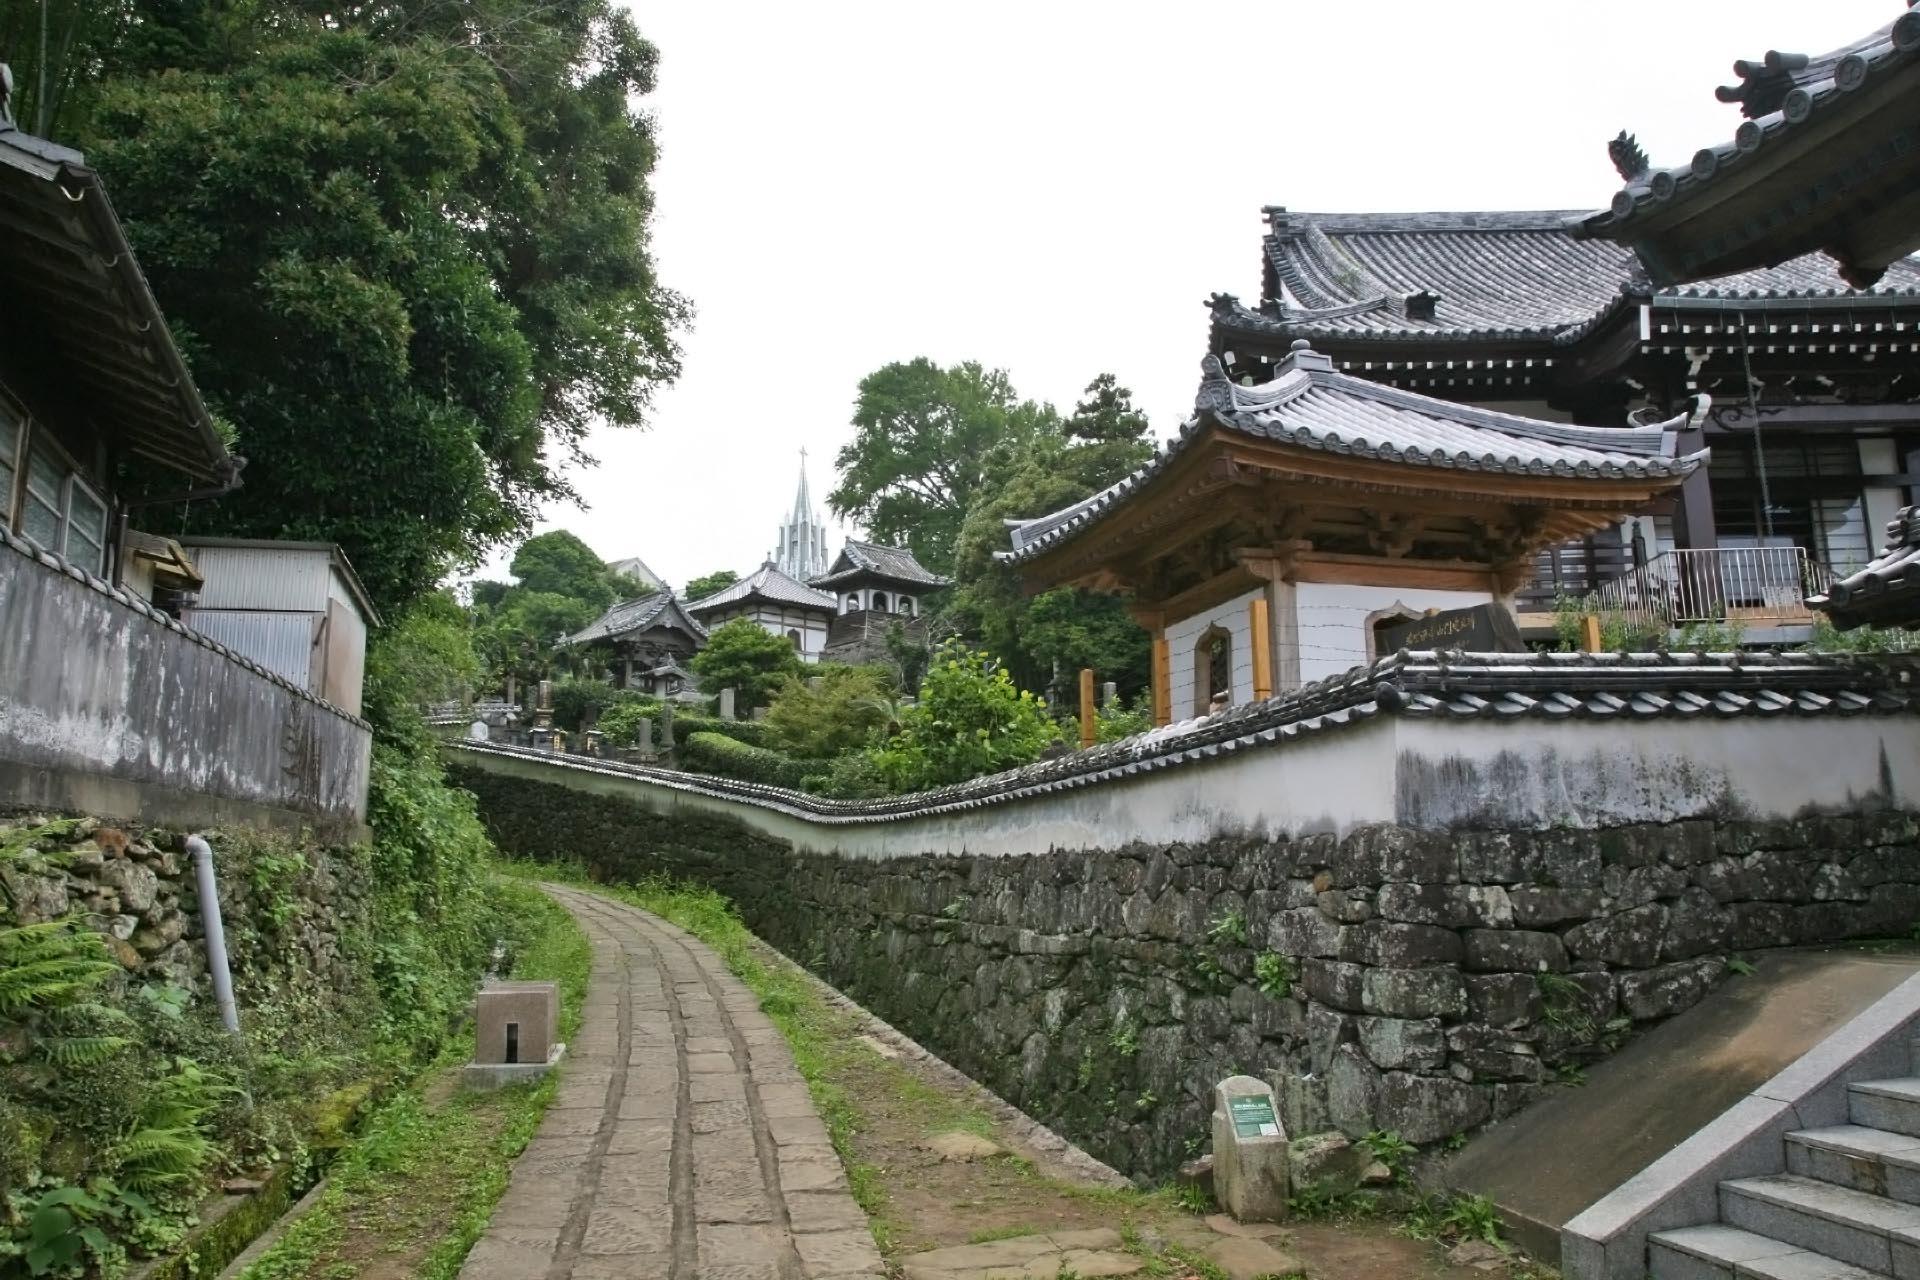 平戸 寺院と教会の見える風景 長崎の風景